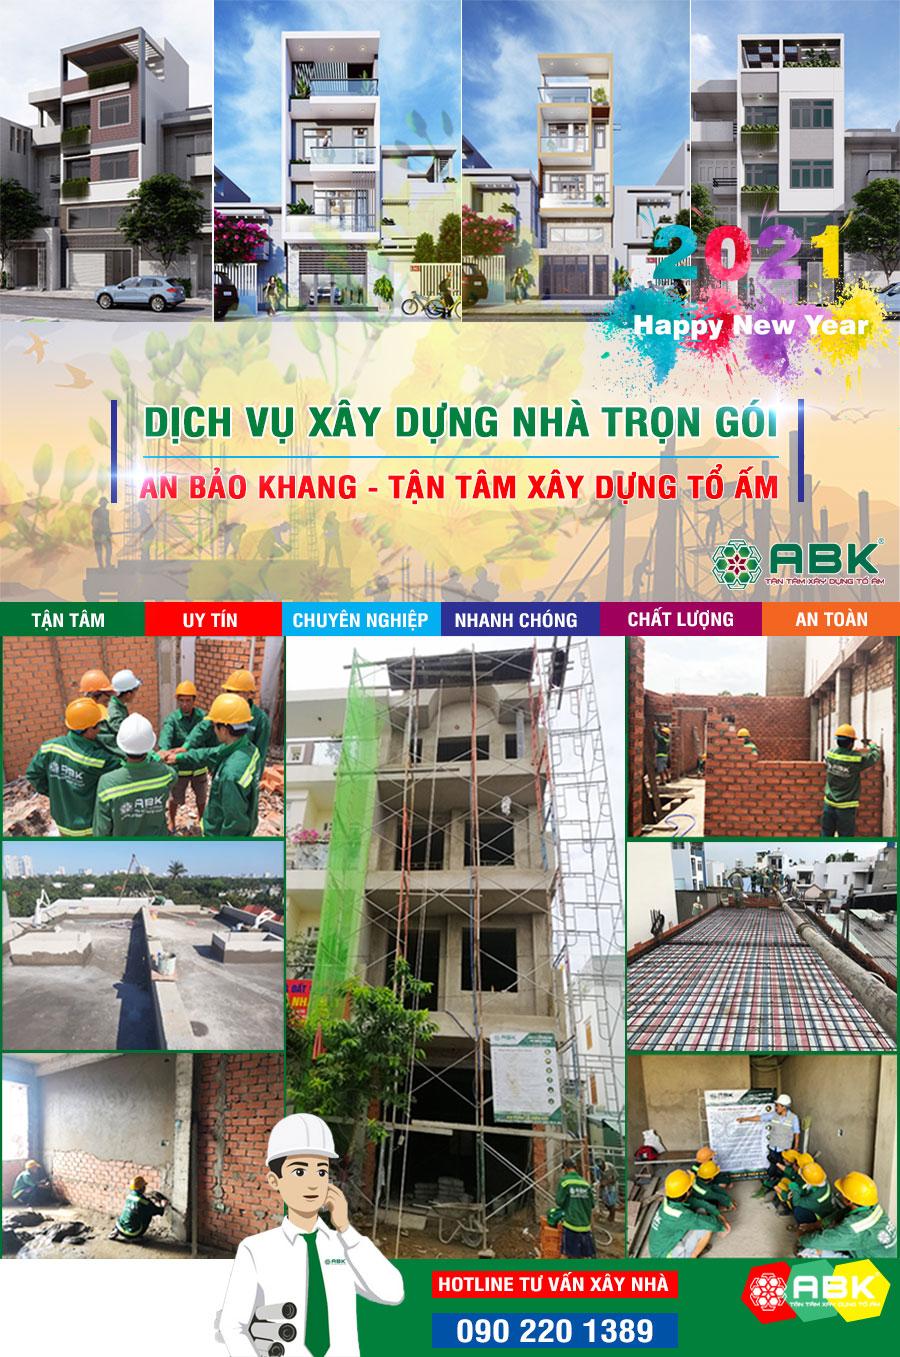 Giá xây nhà trọn gói 2021 – Xây nhà uy tín An Bảo Khang